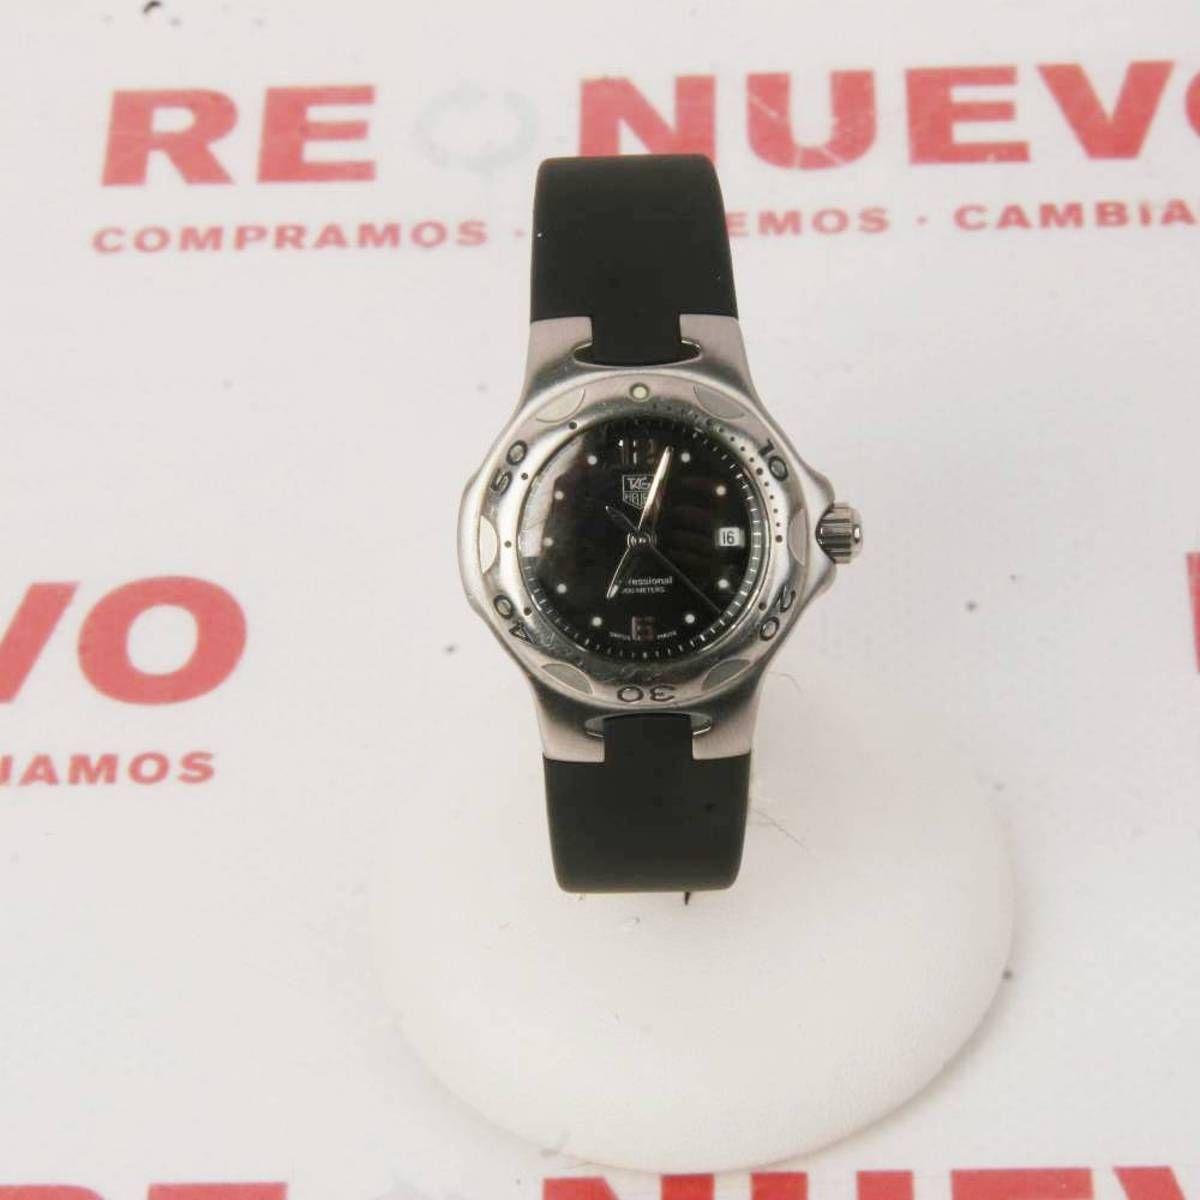 Reloj TAG HEUER PROFESSIONAL WL131D de segunda mano E276027 | Tienda online de segunda mano en Barcelona Re-Nuevo